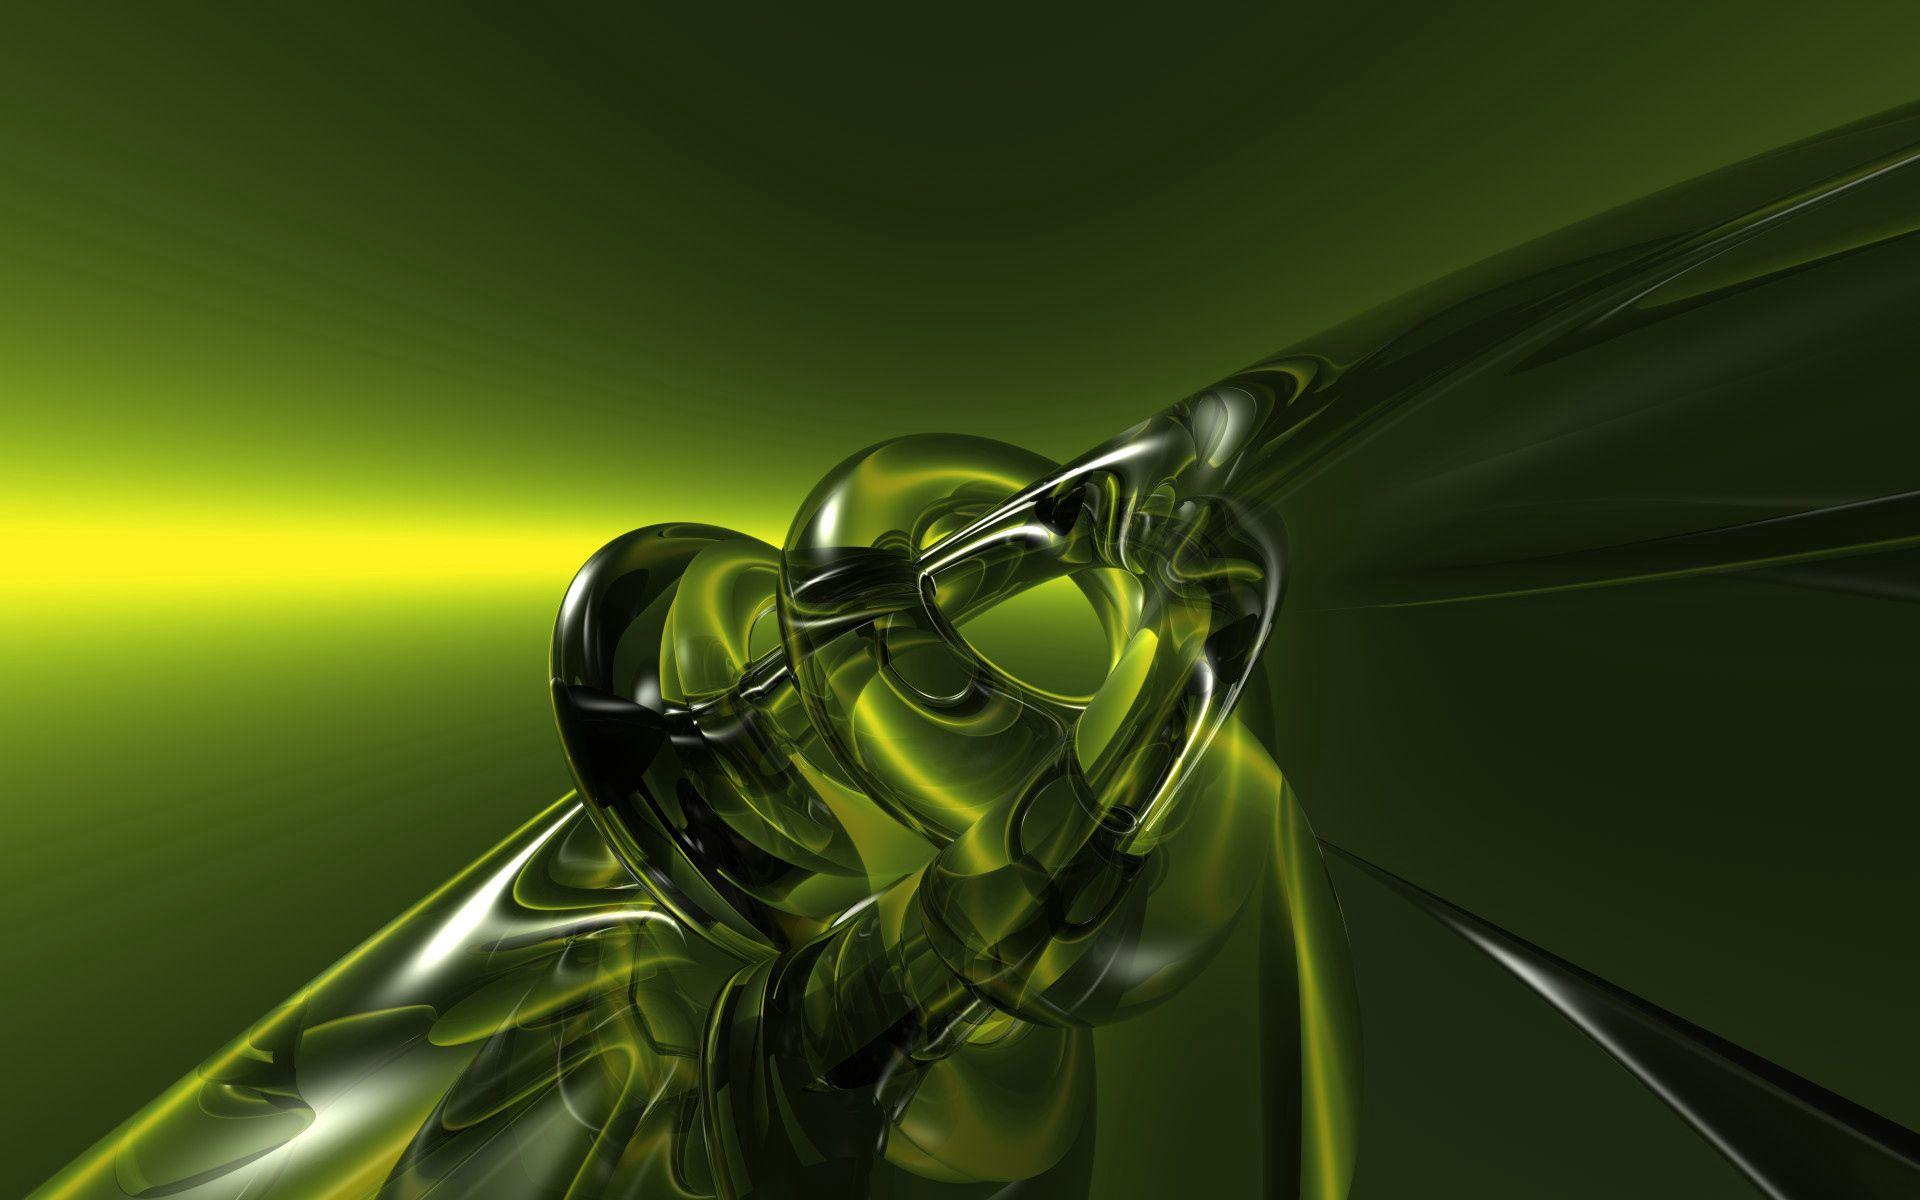 127078 обои 720x1280 на телефон бесплатно, скачать картинки Фон, Абстракция, Стекло, Зеленый, Сплав 720x1280 на мобильный